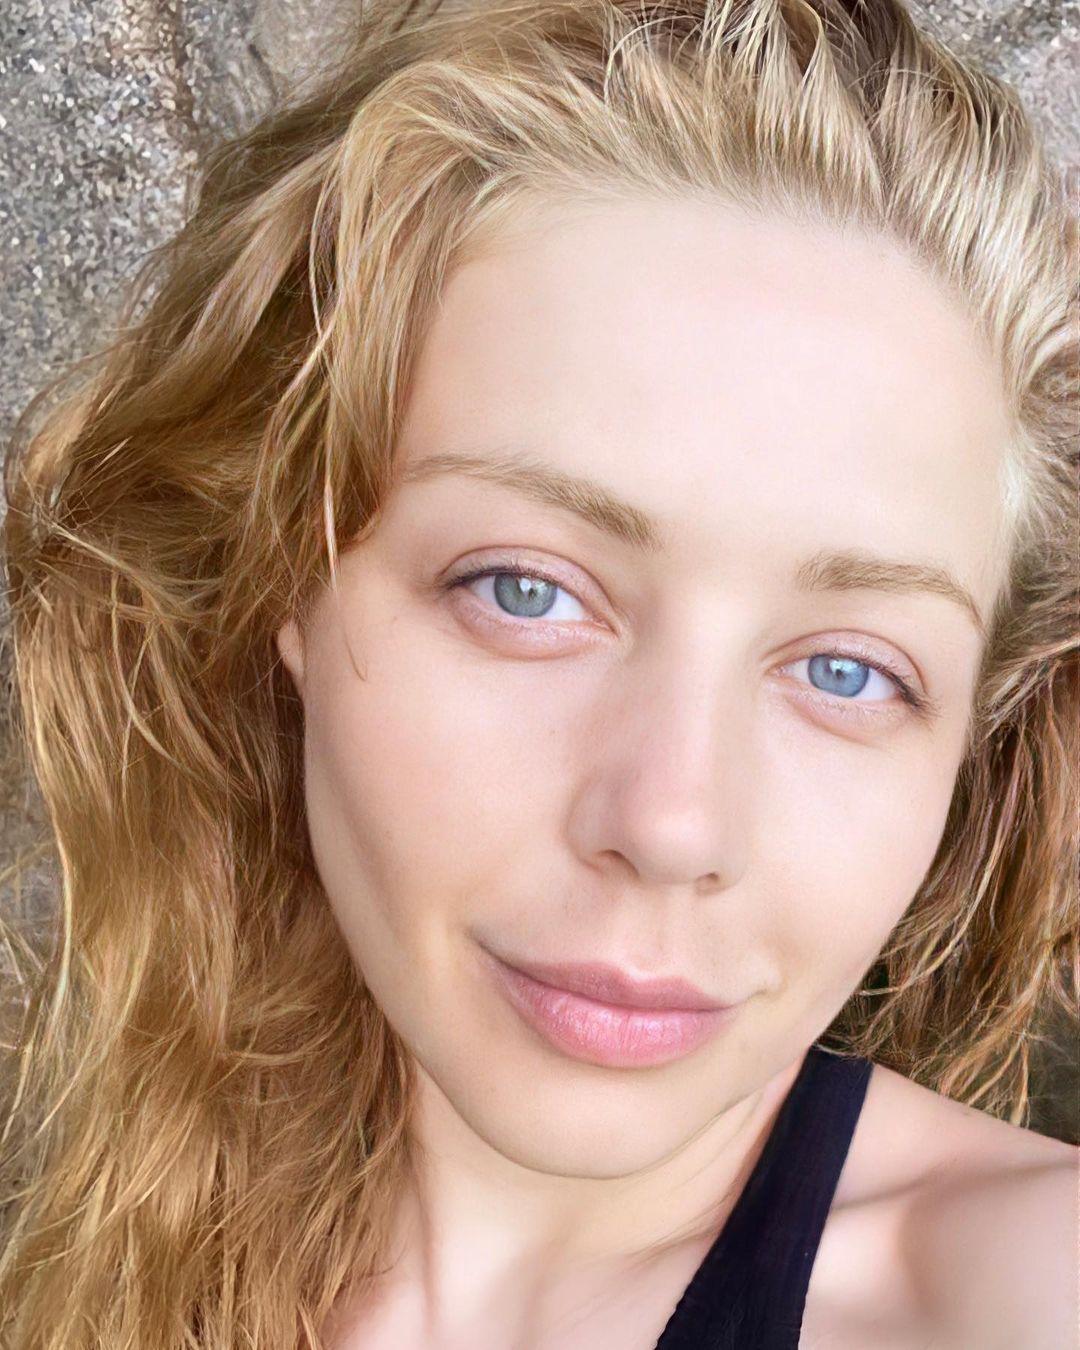 Кароль показала лицо без макияжа / instagram.com/tinakarol_fantina